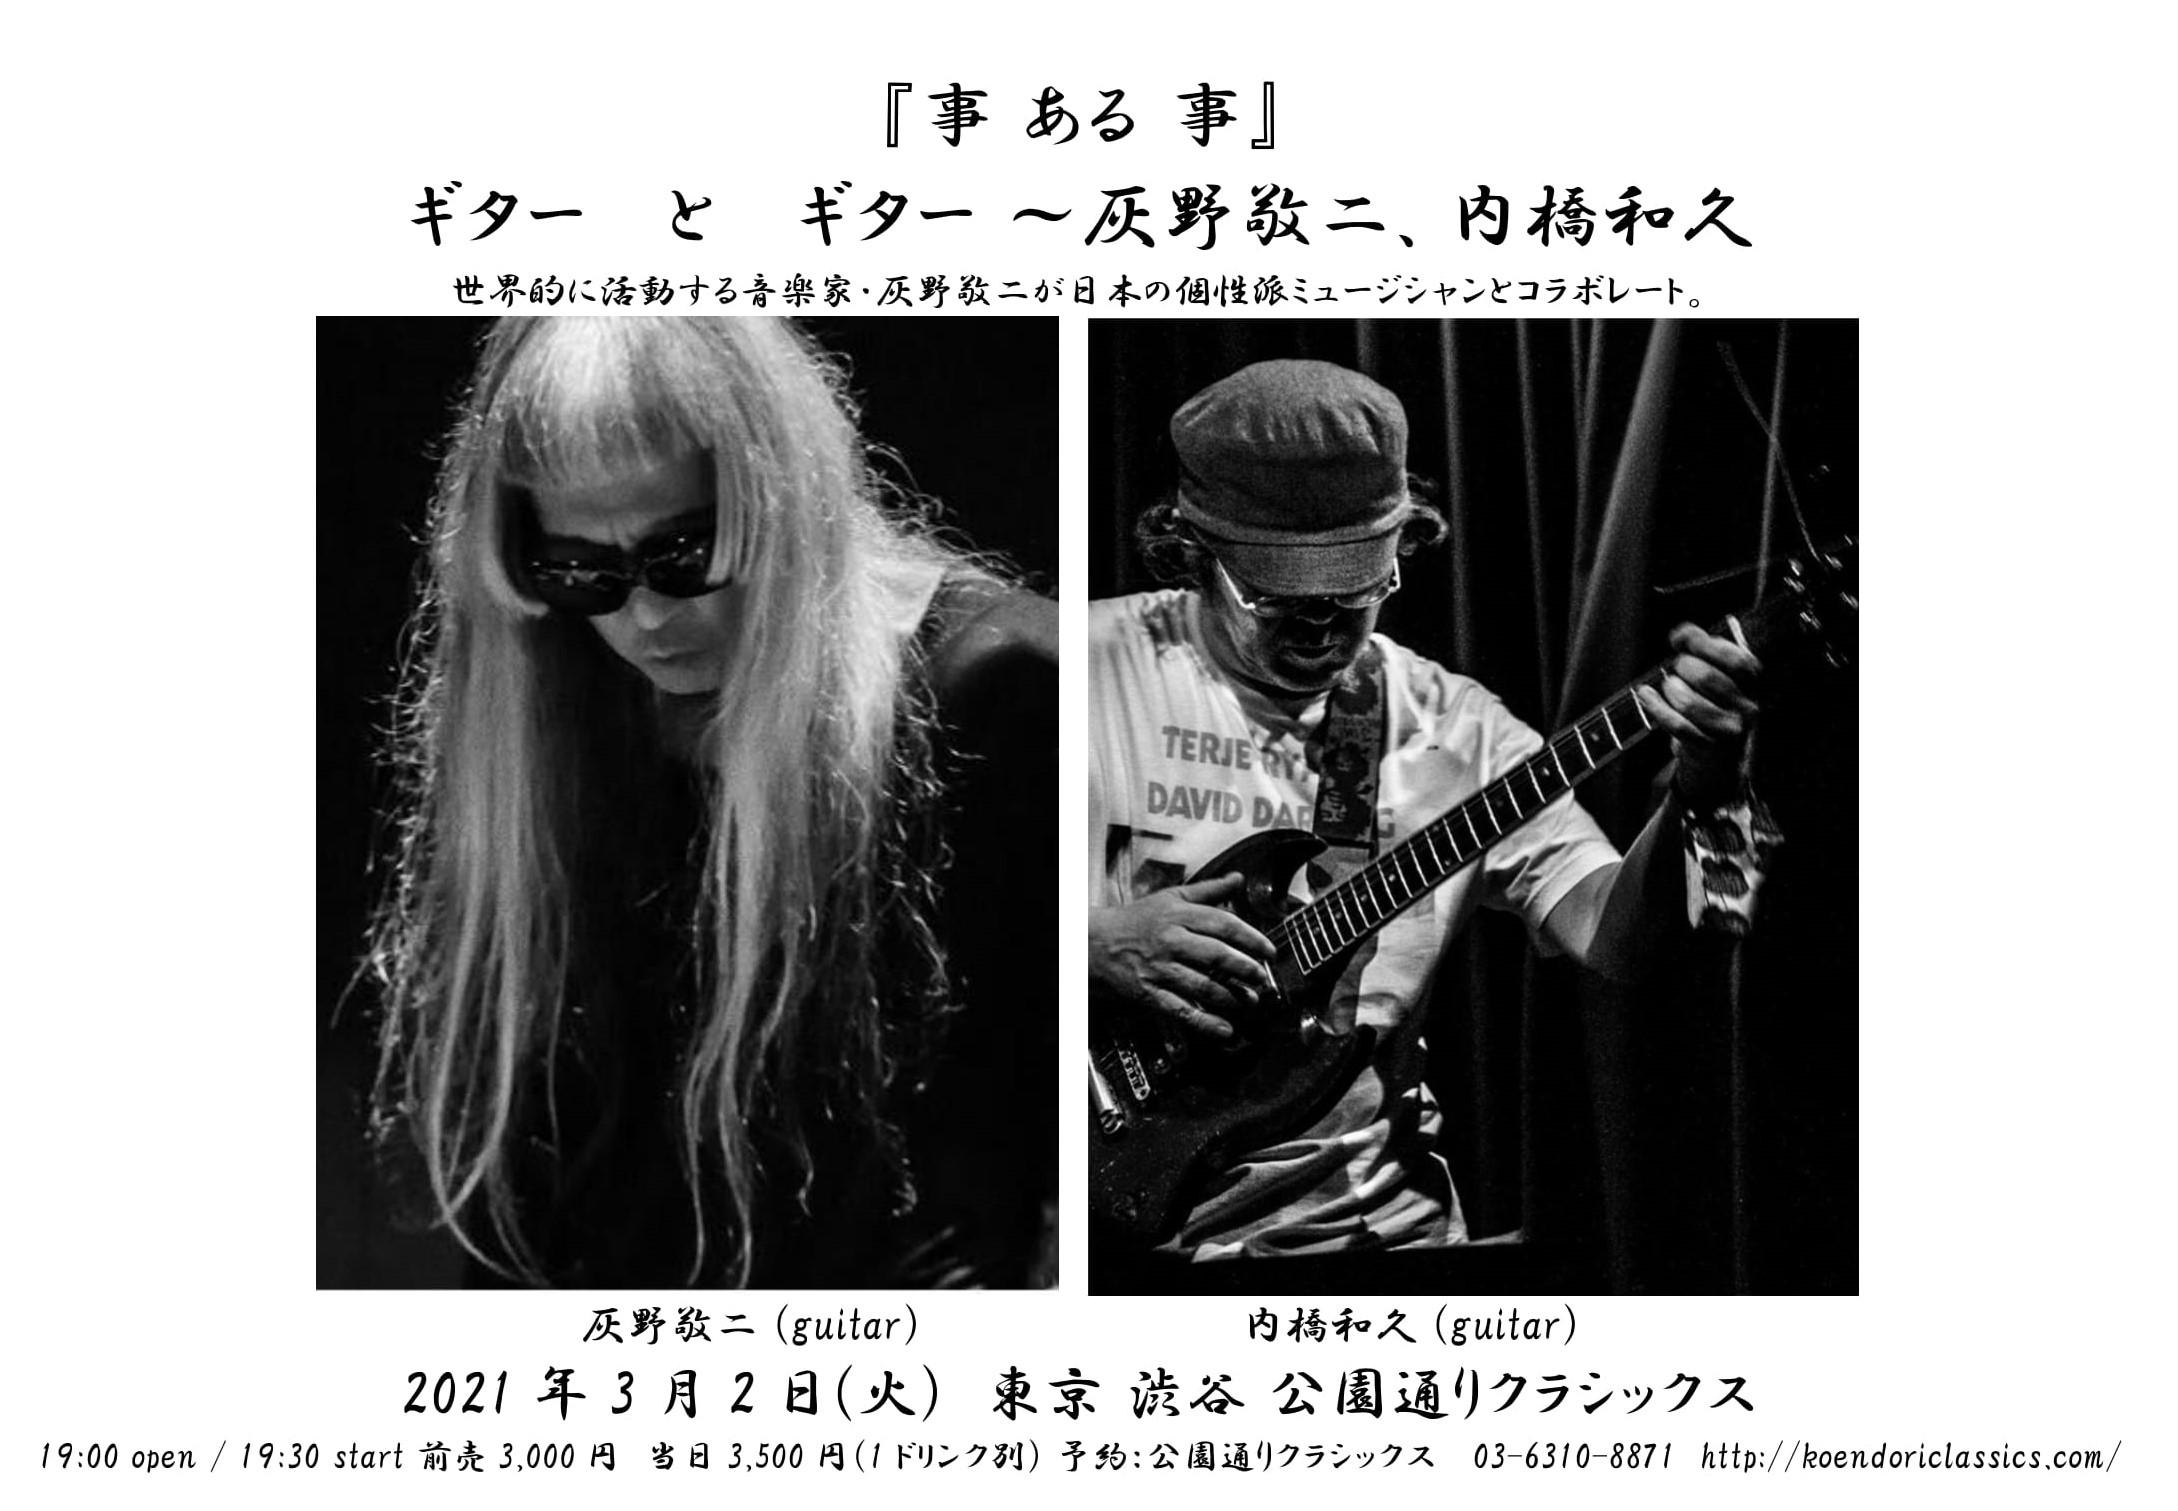 『事 ある 事』 ギター と ギター ~ 灰野敬二、内橋和久